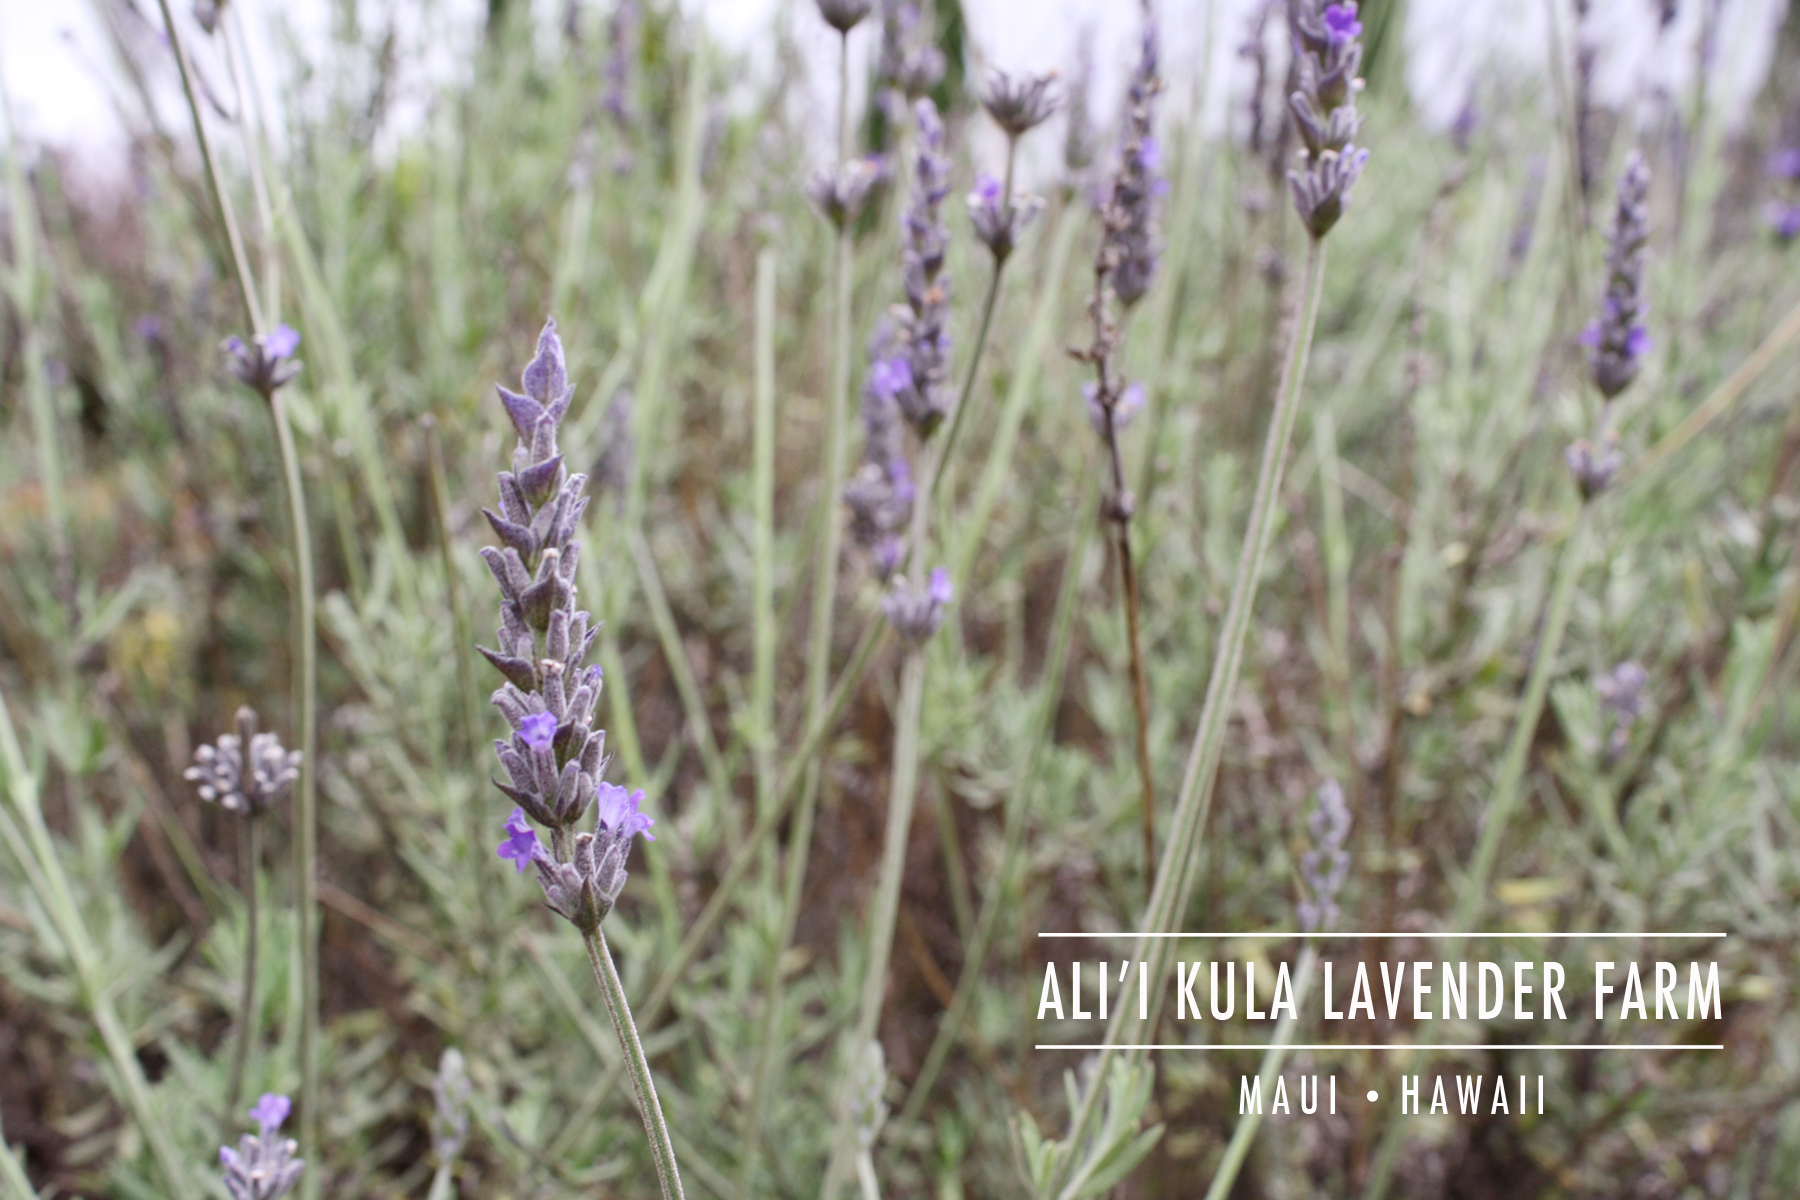 AKL-MAUI_Lavender-Header-Image